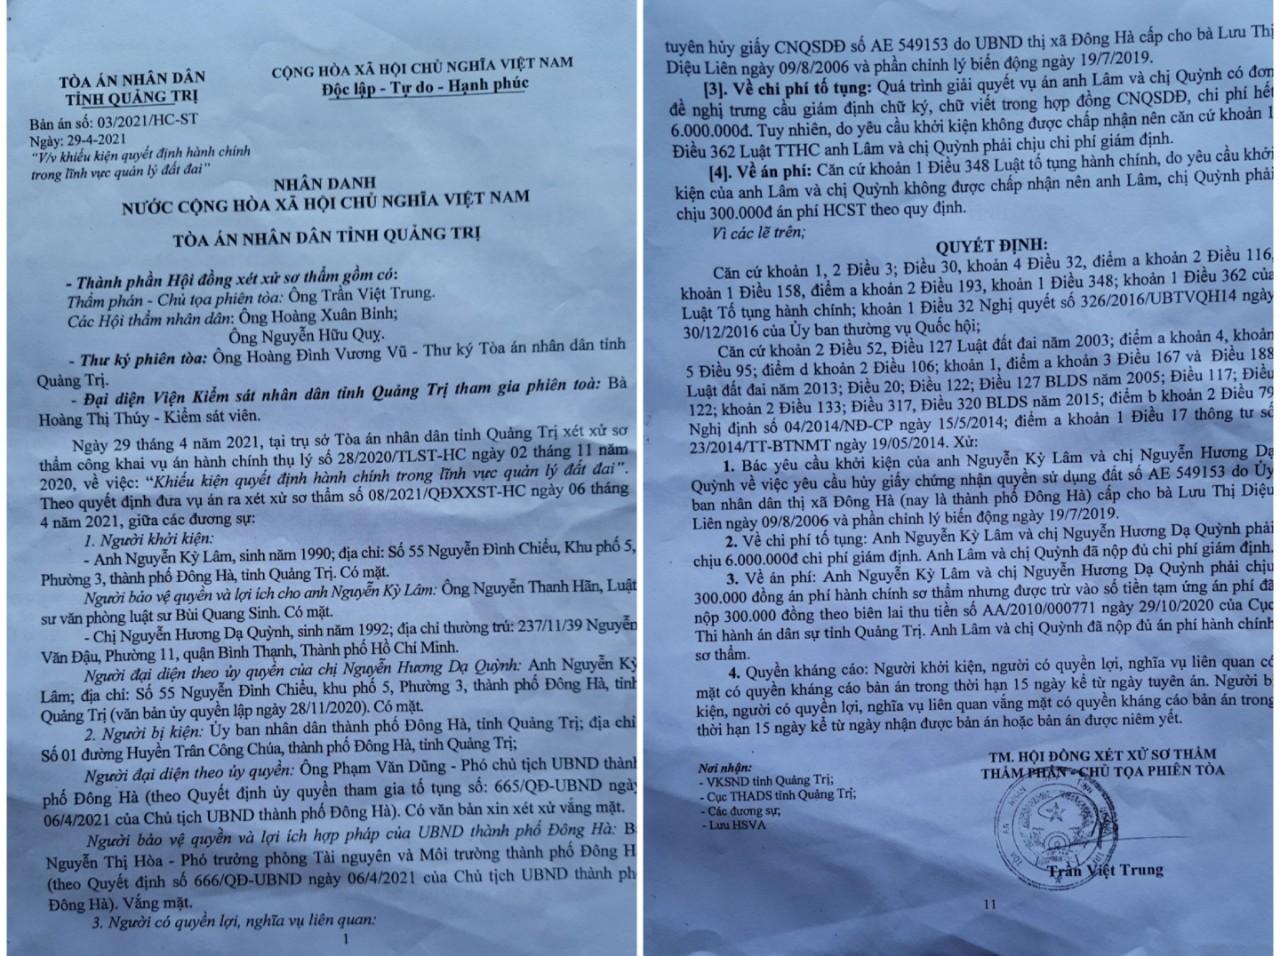 Quảng Trị: Hai anh em mất đất vì chính quyền chứng thực hợp đồng khống - Ảnh 4.